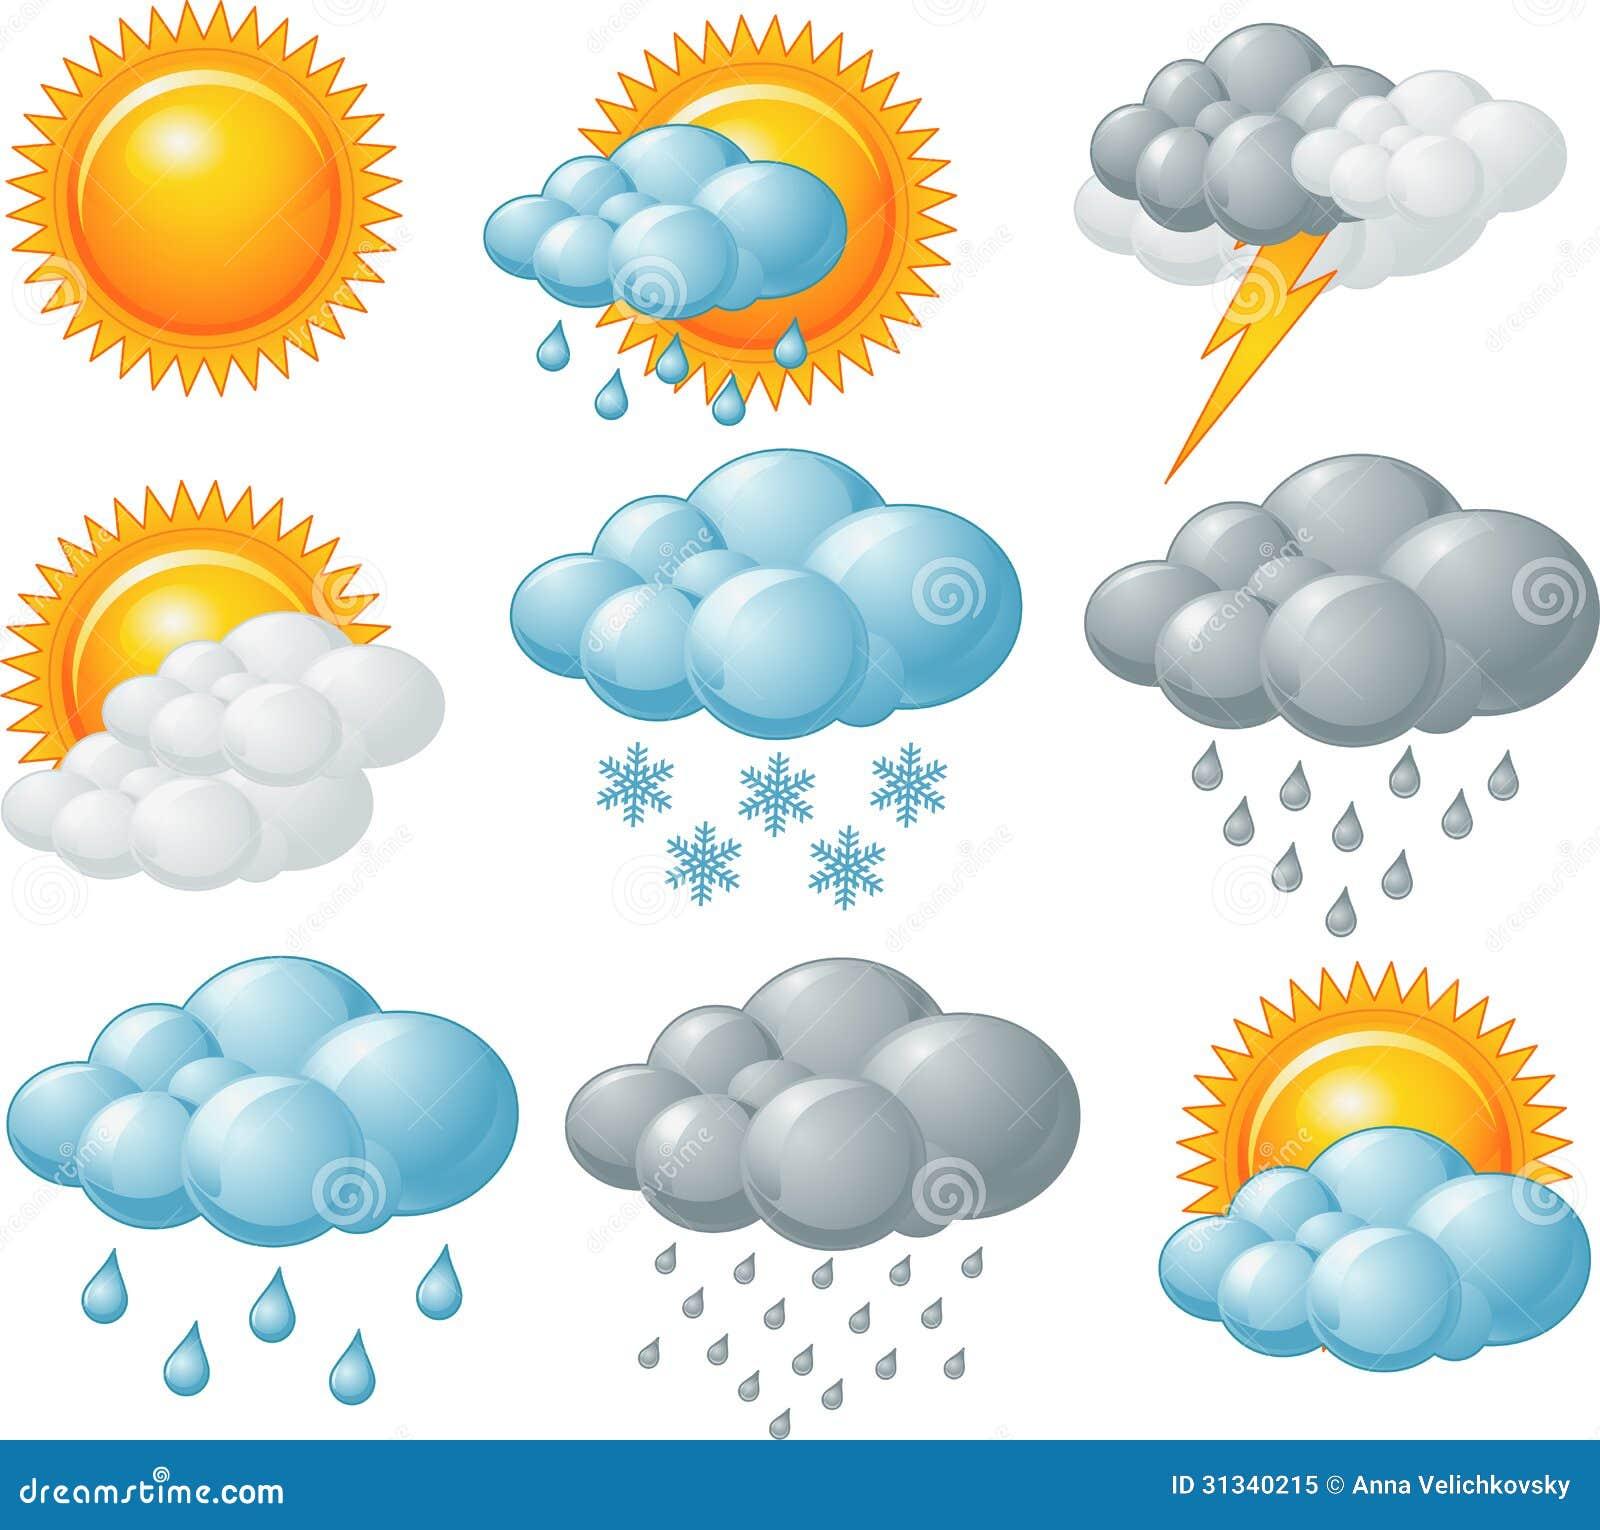 Значки погоды Стоковое фото RF ...: ru.dreamstime.com/стоковое-фото-rf-значки...